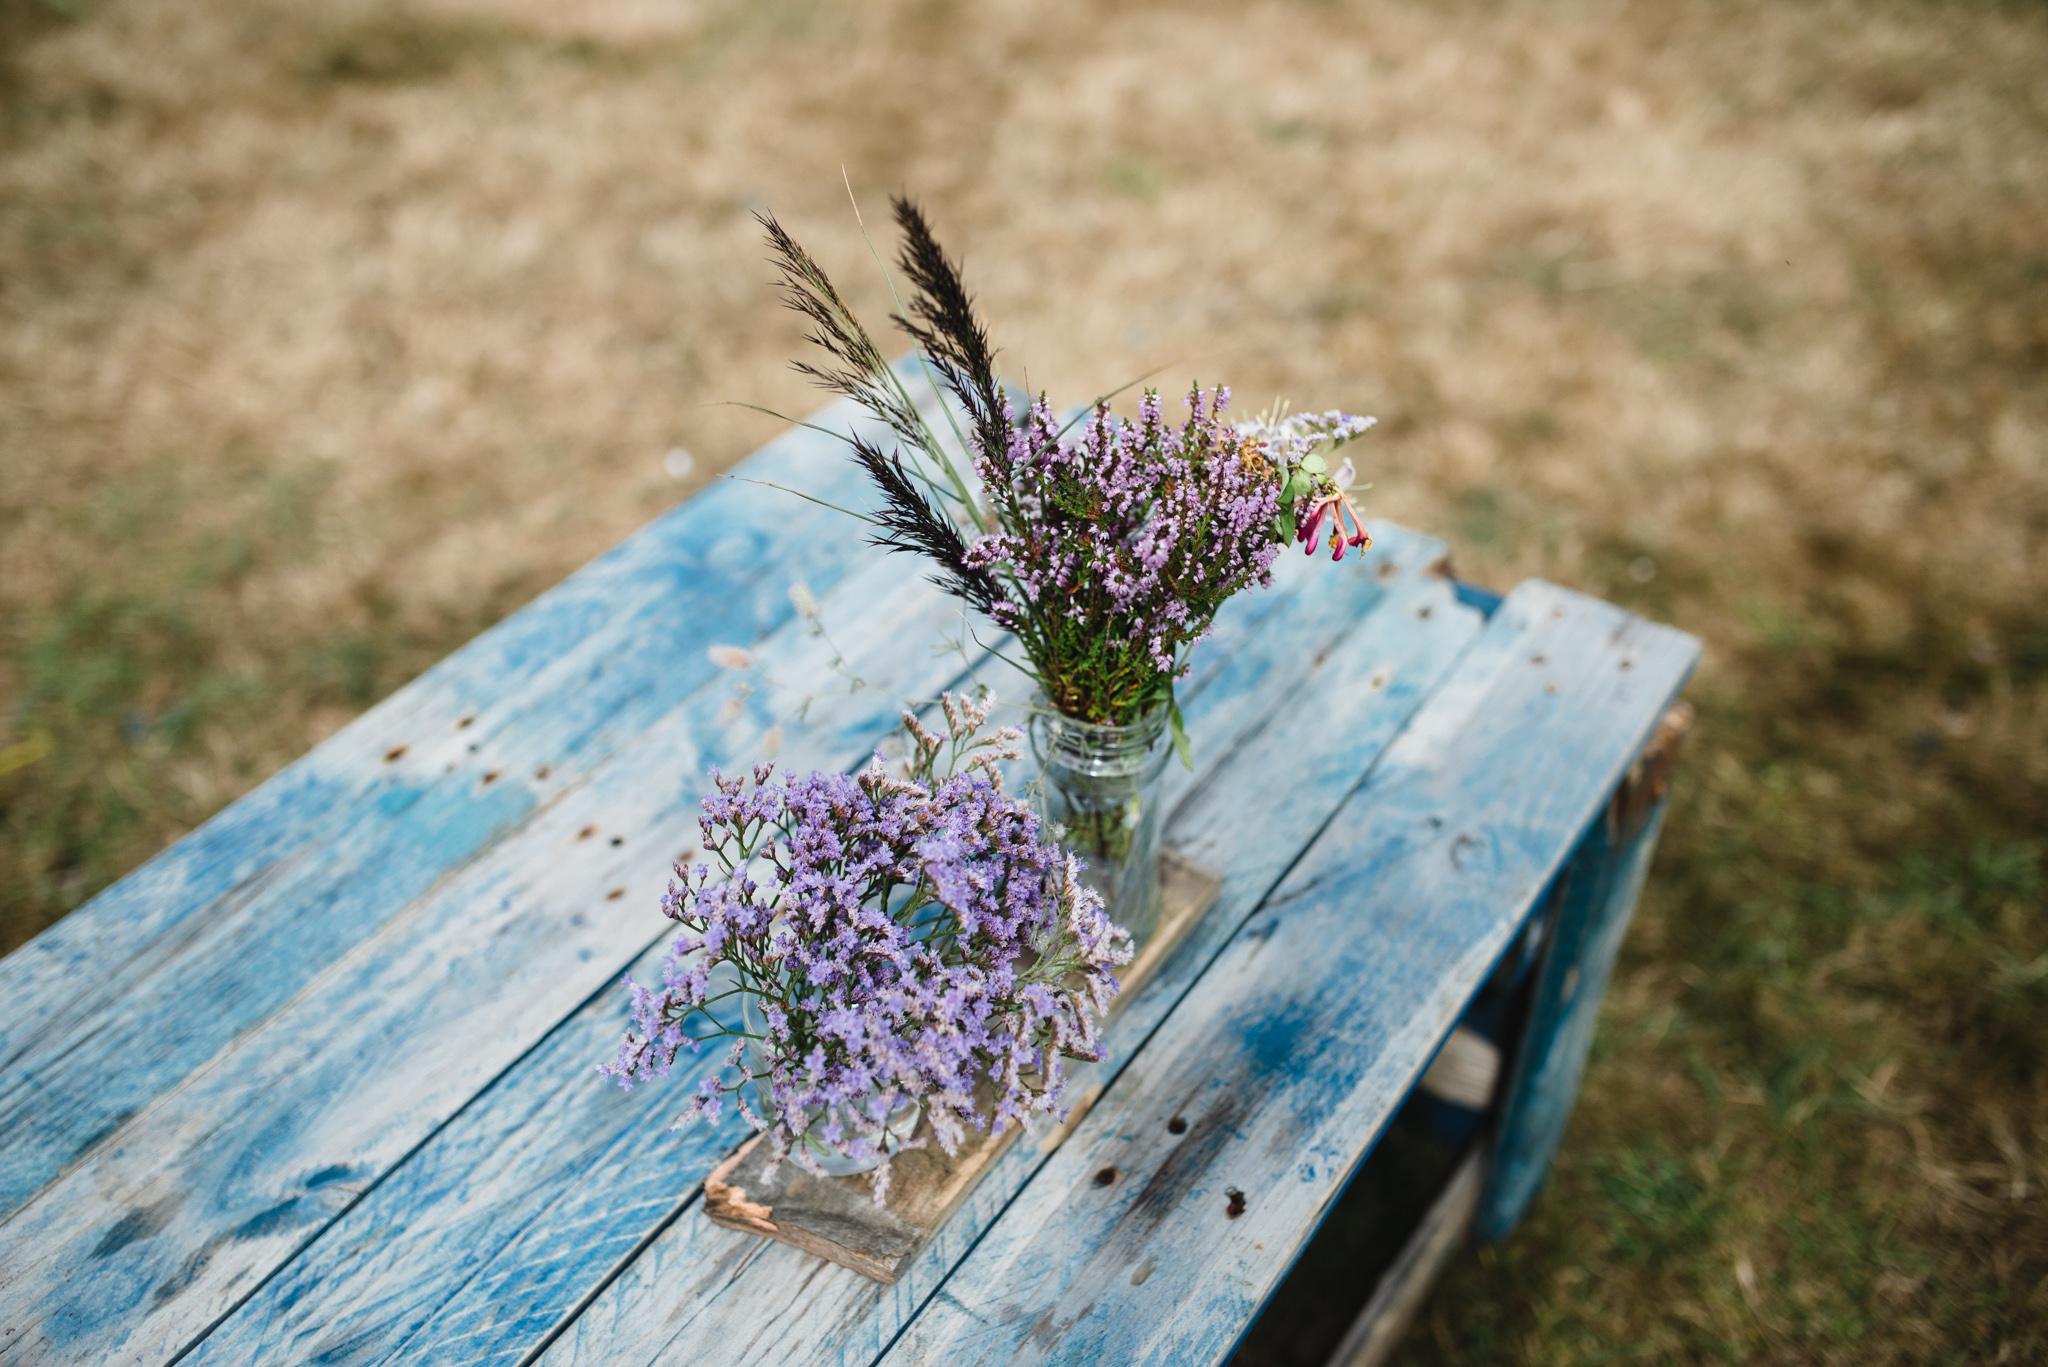 Kampeerboeketten Staatsbosbeheer bloemen op de camping Laurie Karine de fotograaf - 4844-2